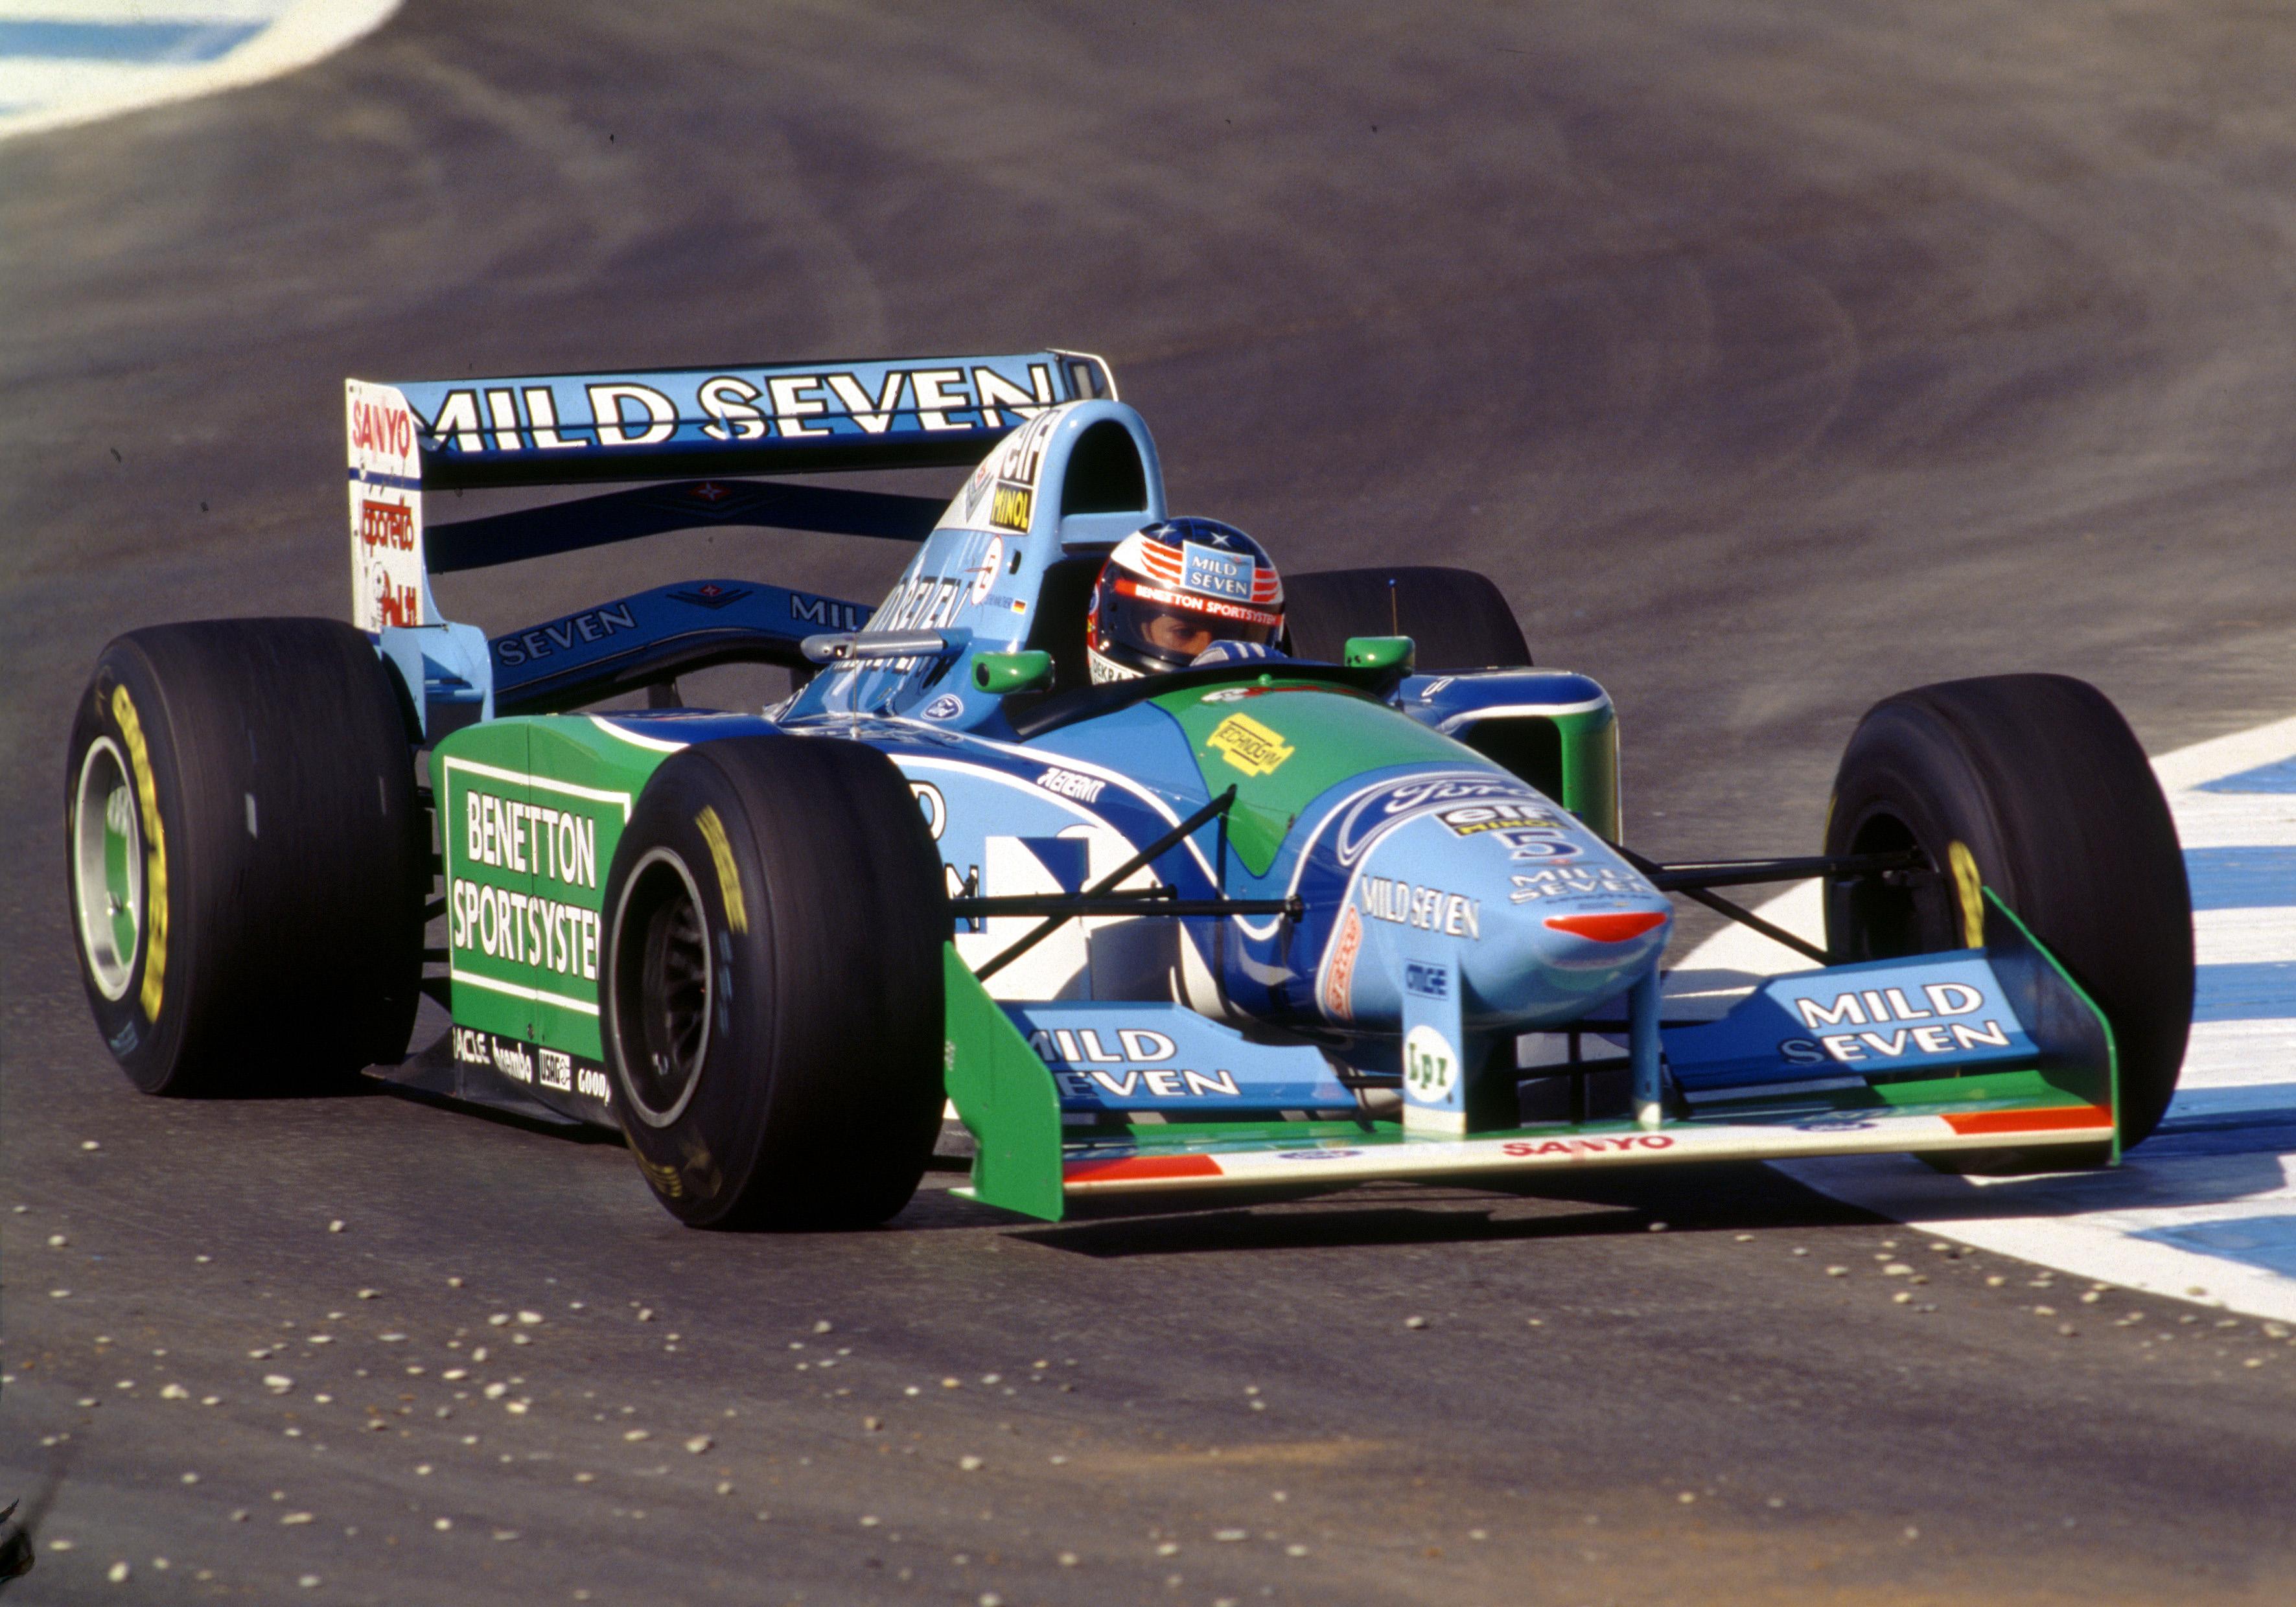 European Grand Prix Jerez (esp) 14 16 10 1994